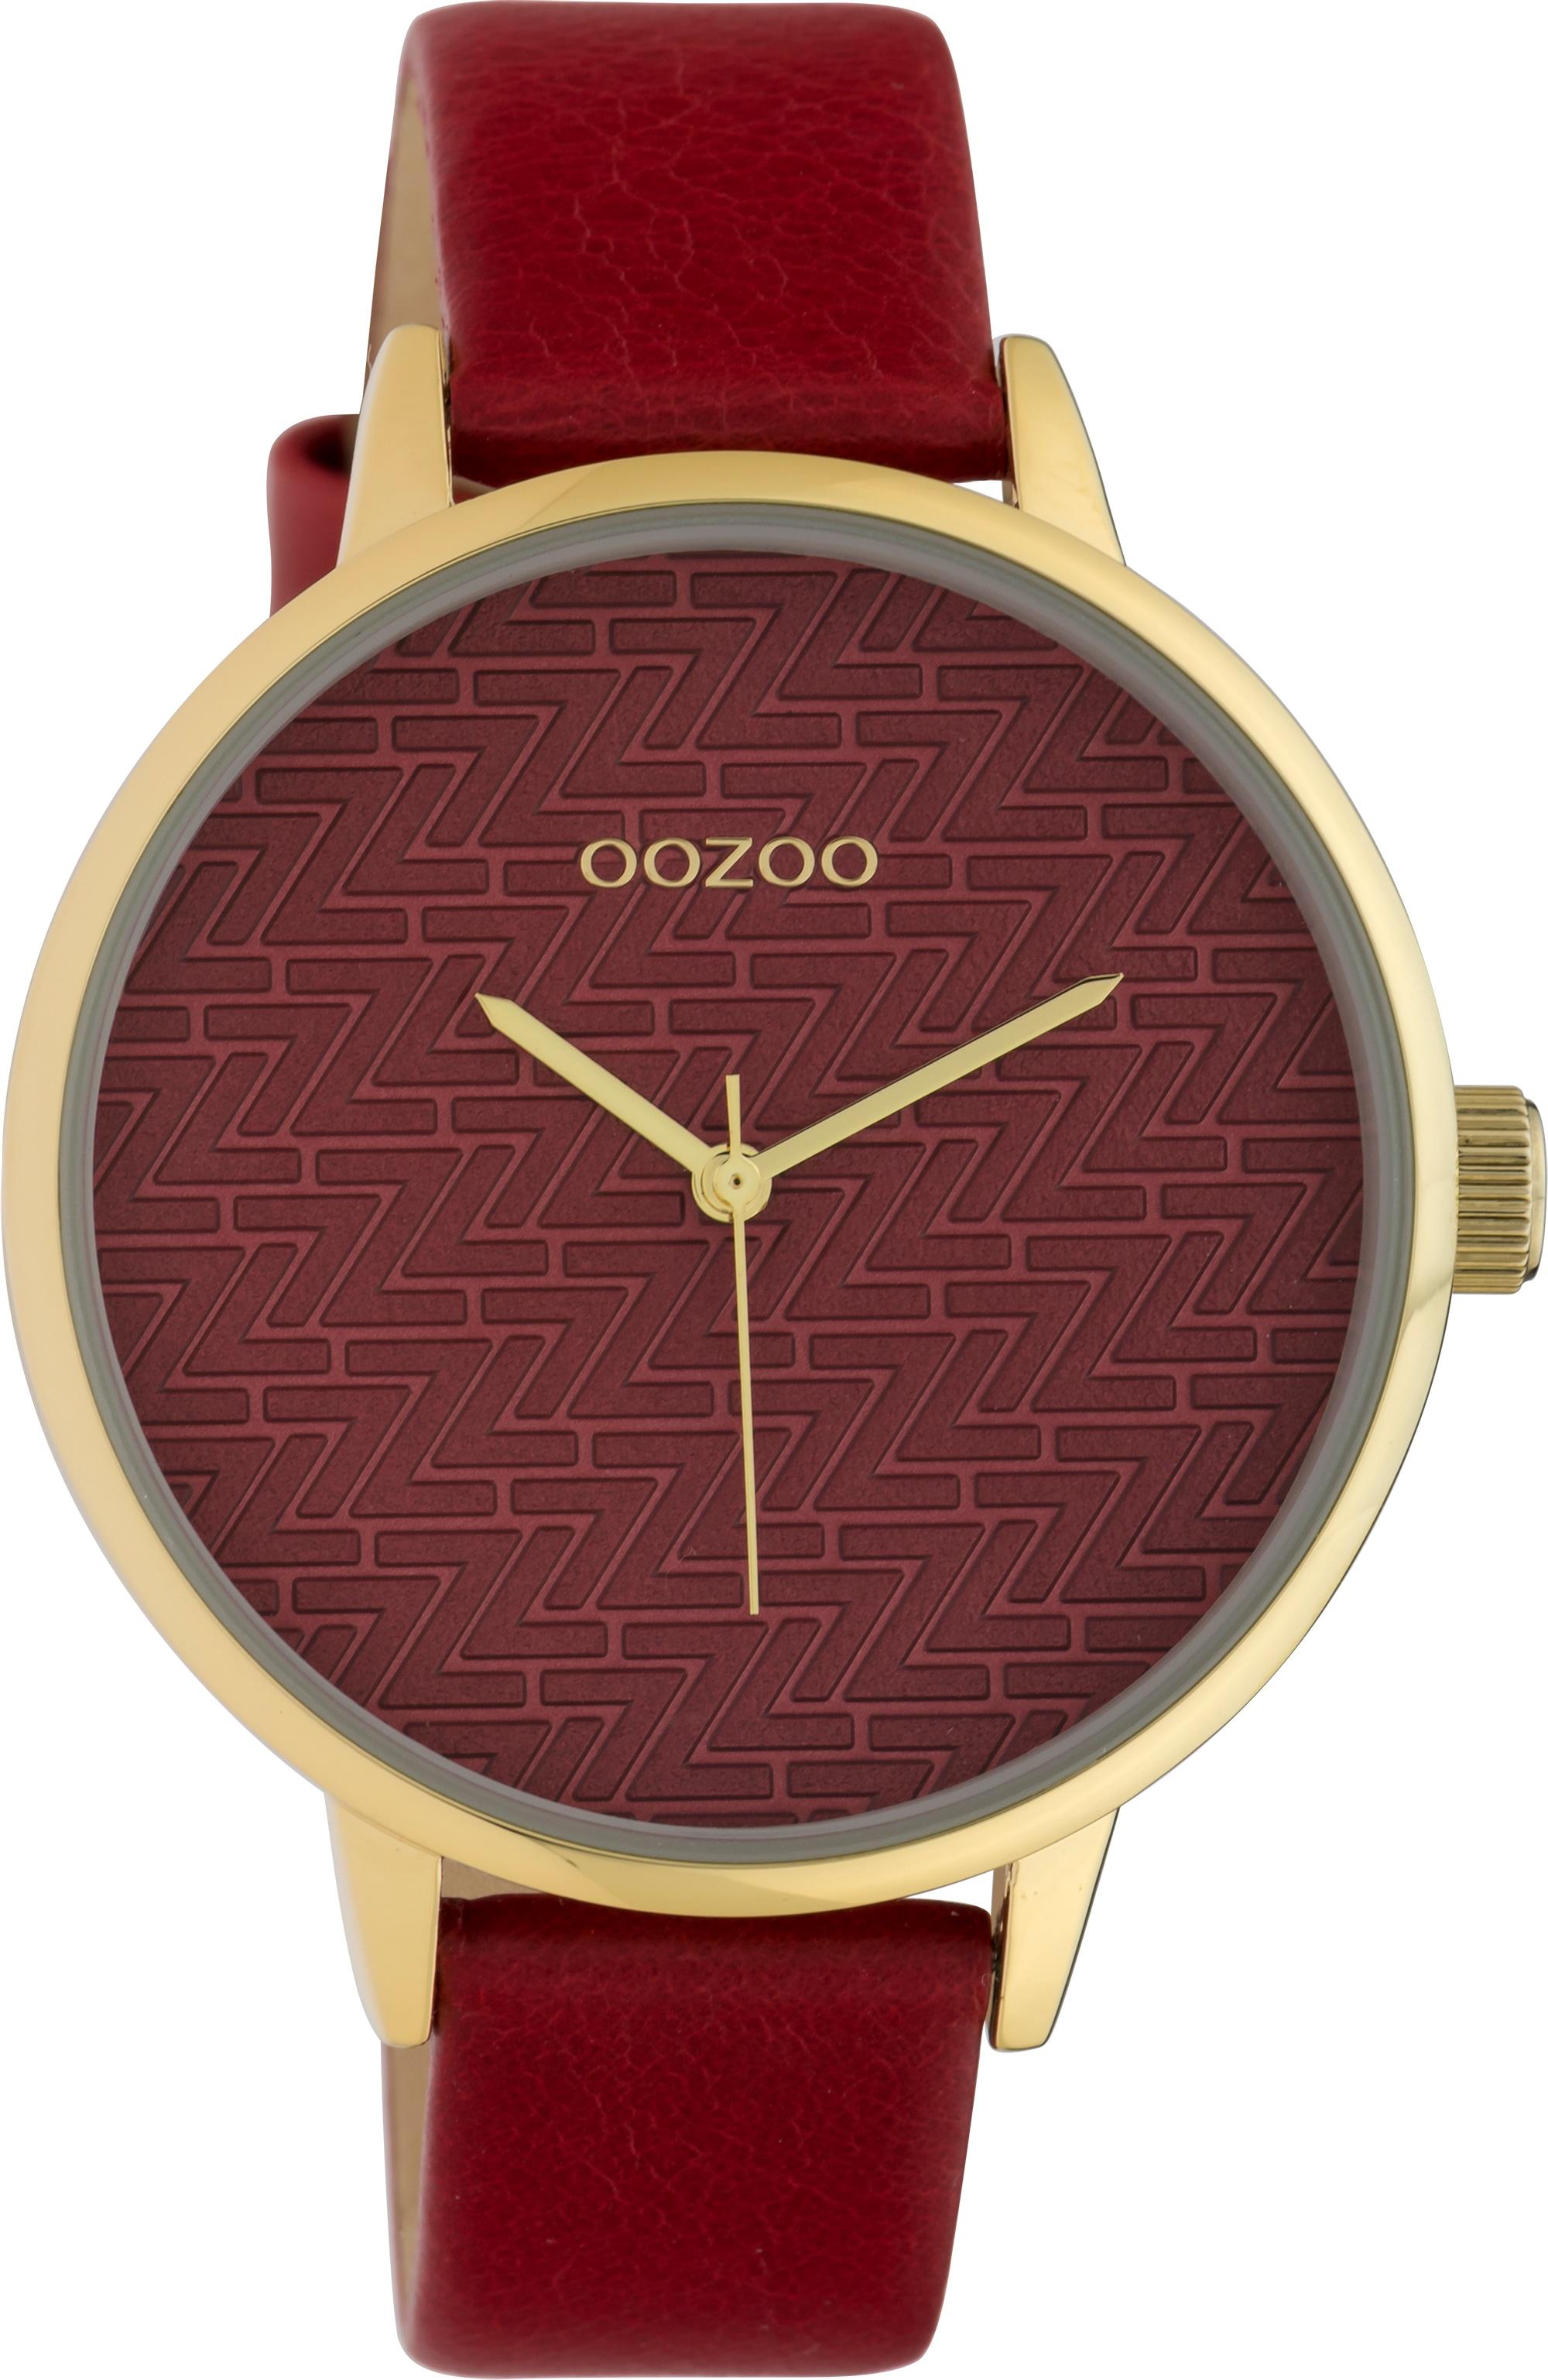 OOZOO Quarzuhr C10247 günstig online kaufen